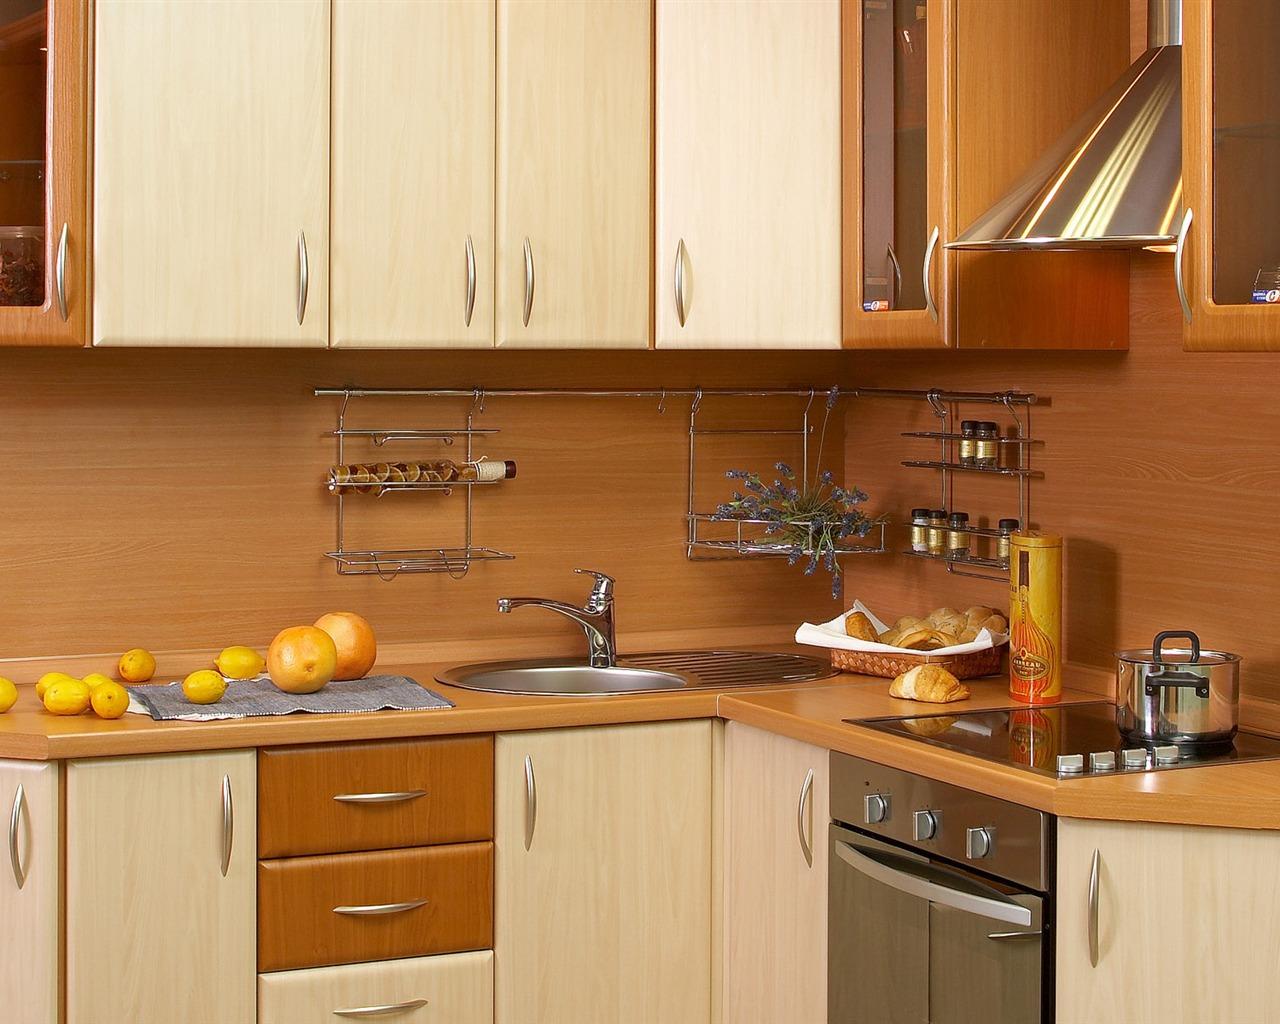 Fondo de pantalla de fotos cocina 3 5 1280x1024 - Limpiar muebles de cocina de madera ...